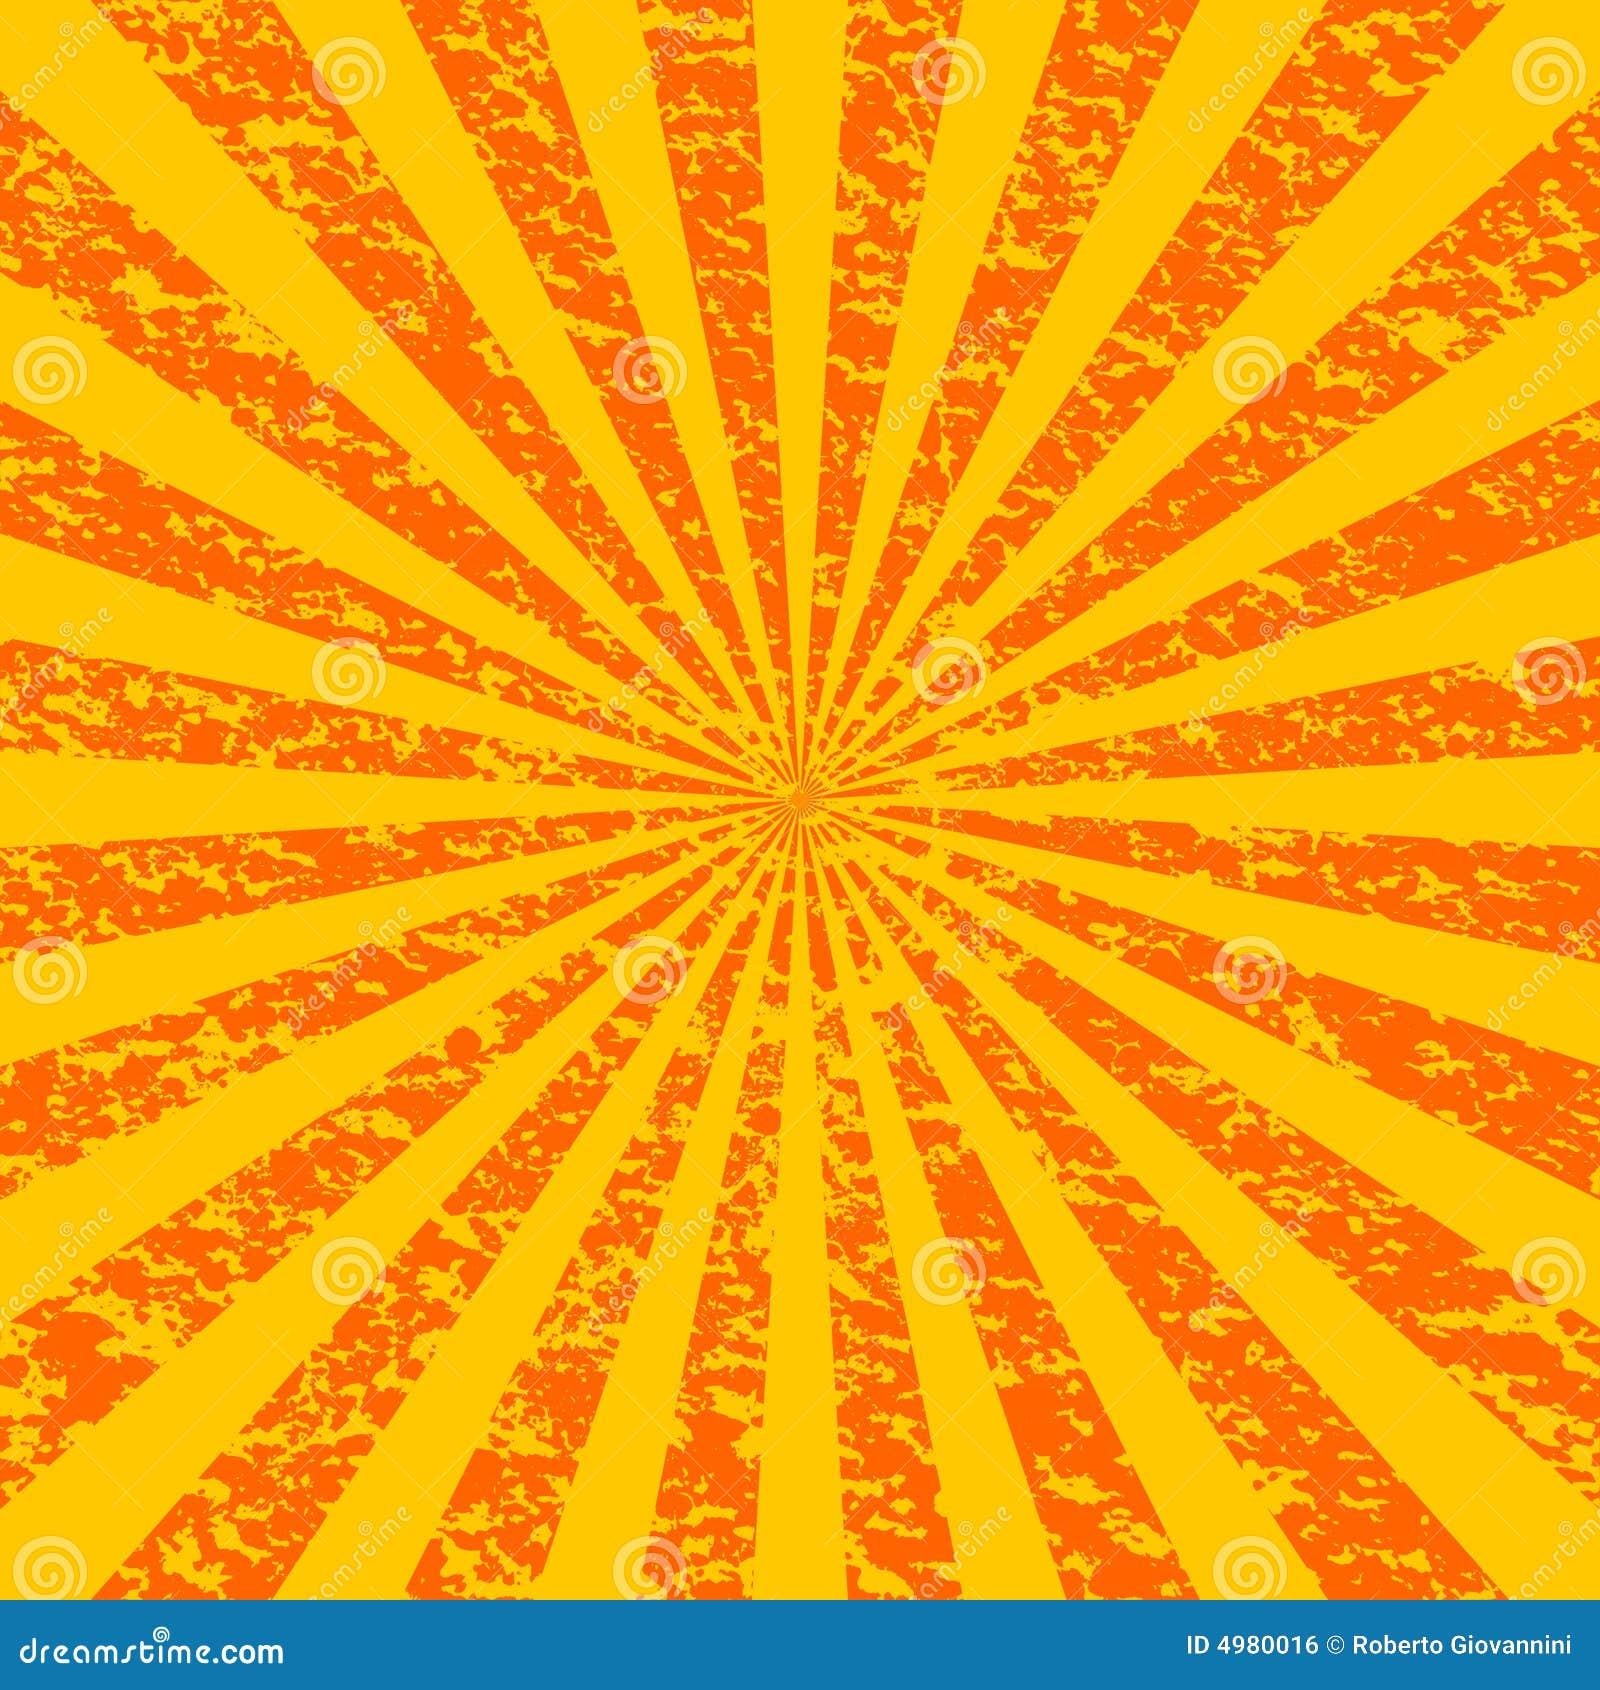 1 grunge sunburst